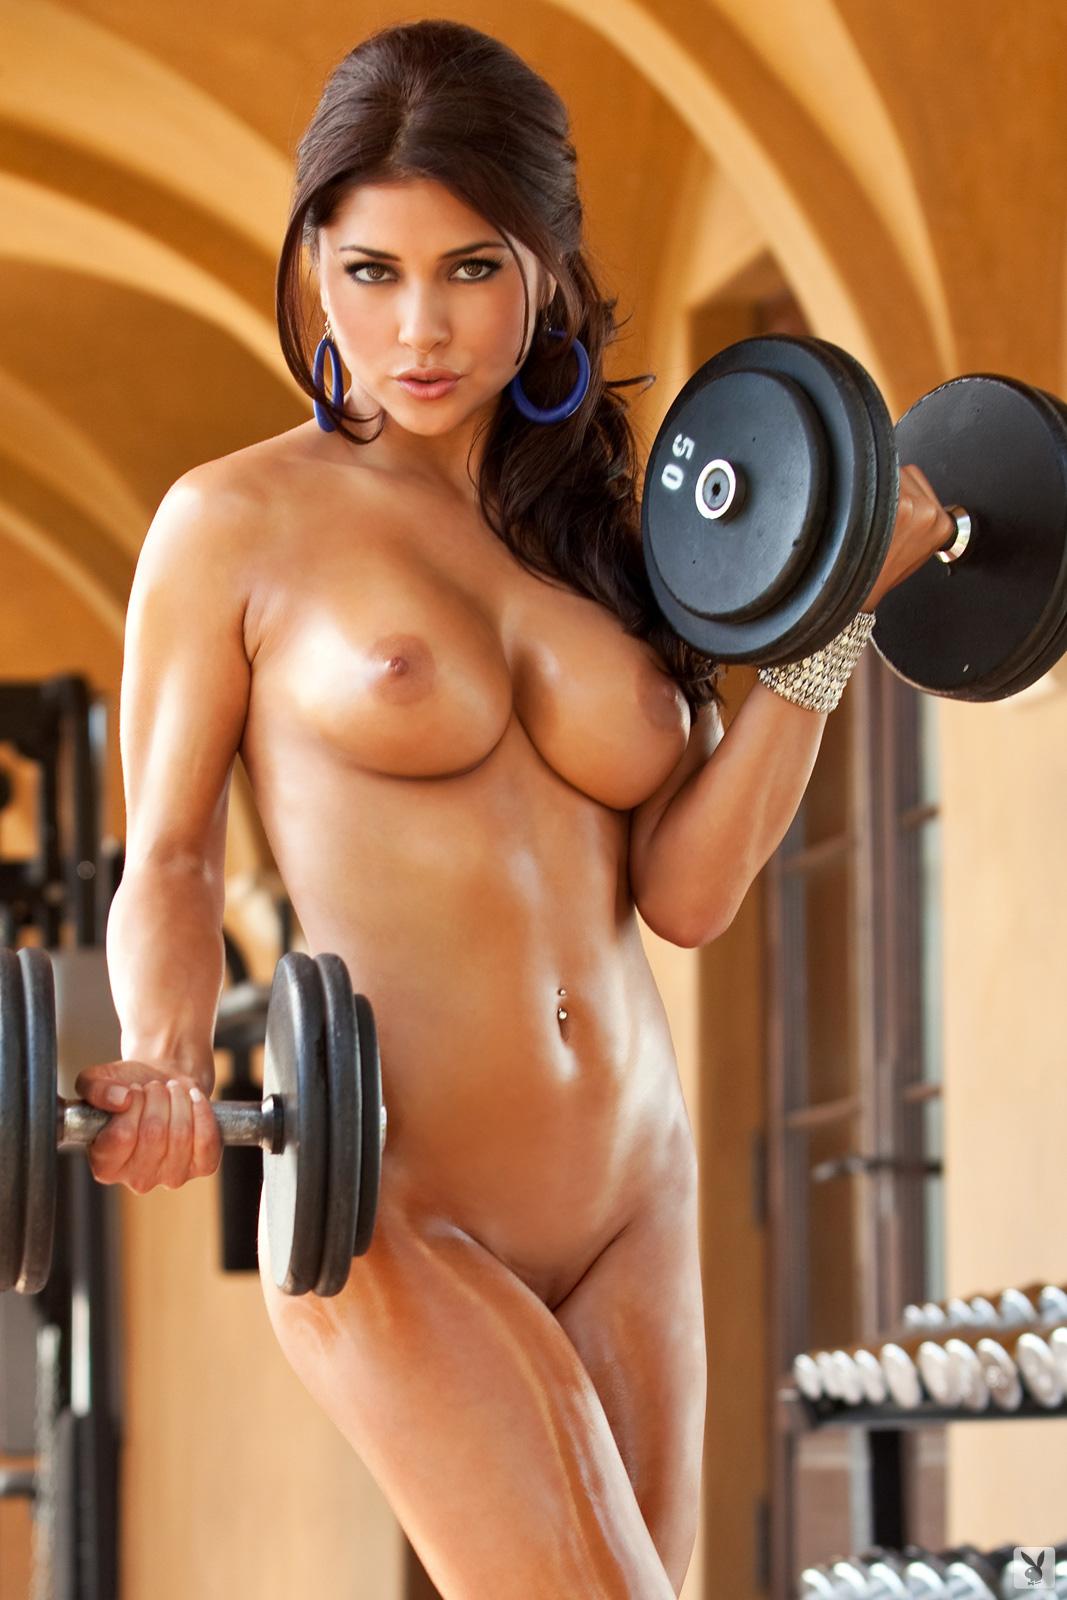 голые спортивные фитнес девушки - 12